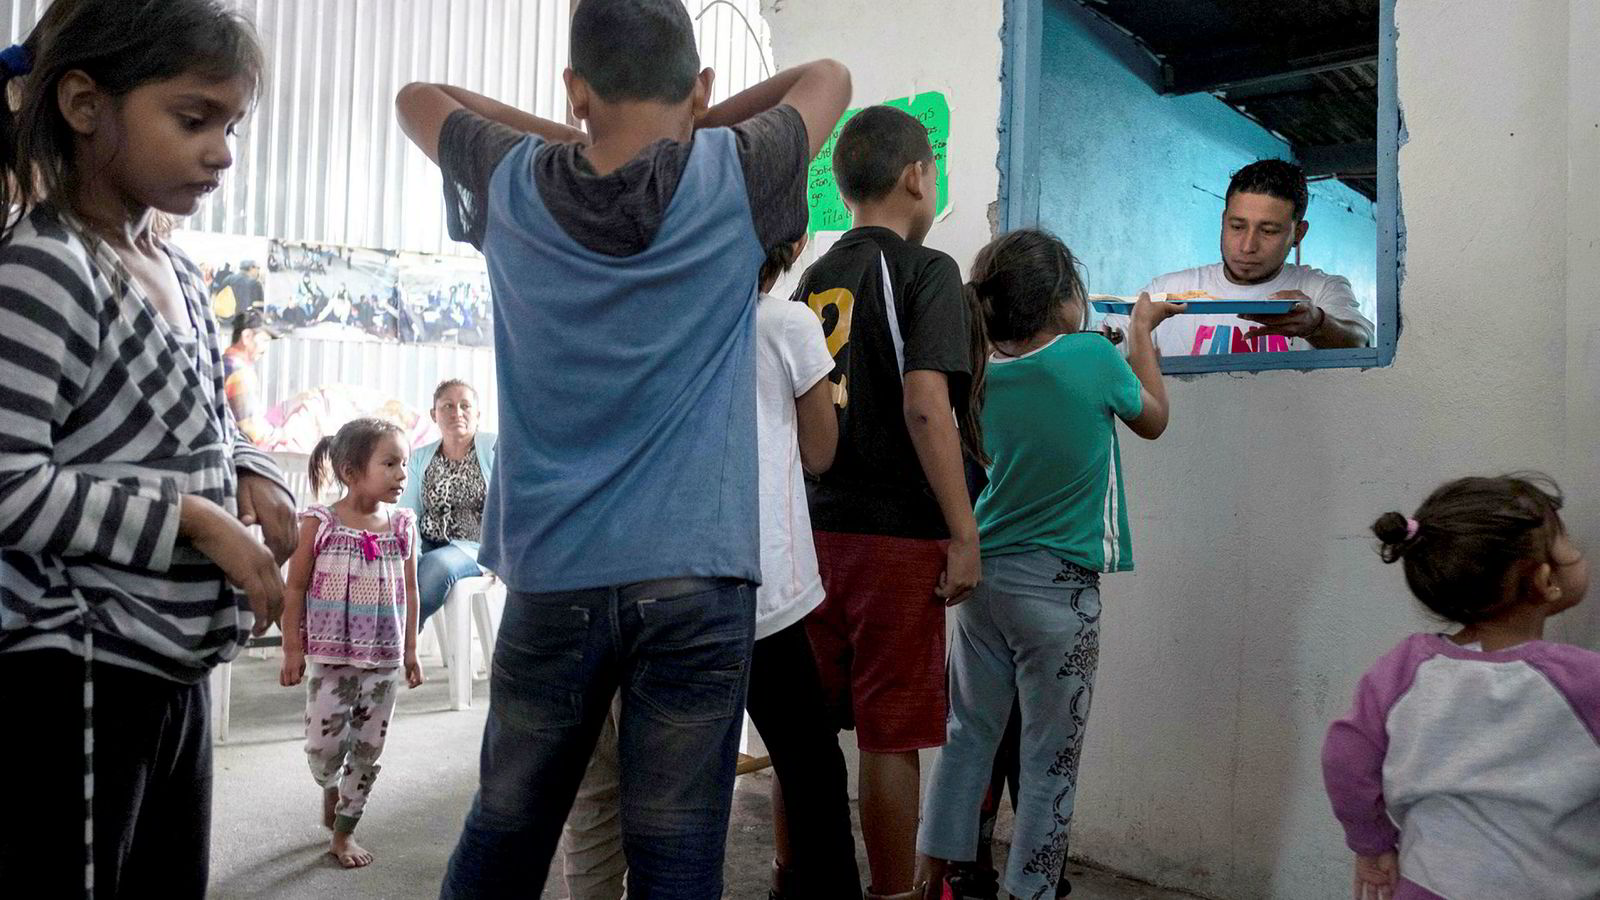 Barn fra Mexico og Mellom-Amerika i køen for å få frokost i migrantleiren i Tijuana 20. juni. Samme dag sa Donald Trump at han vil la familier holde sammen ved grensen til Mexico, etter store protester mot at barn og foreldre ble adskilt.